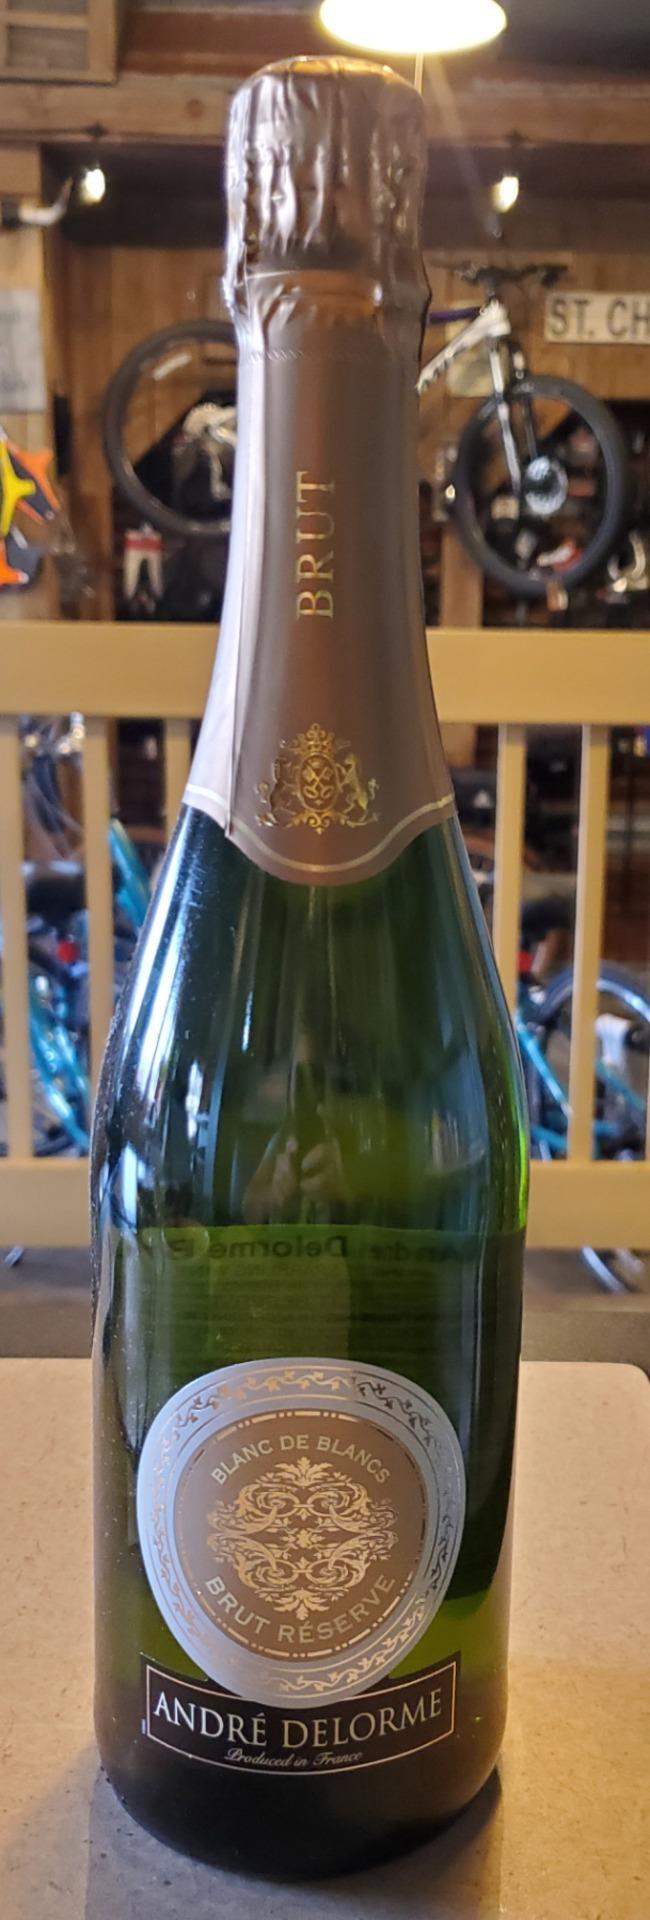 Bottle Brut Reserve Image